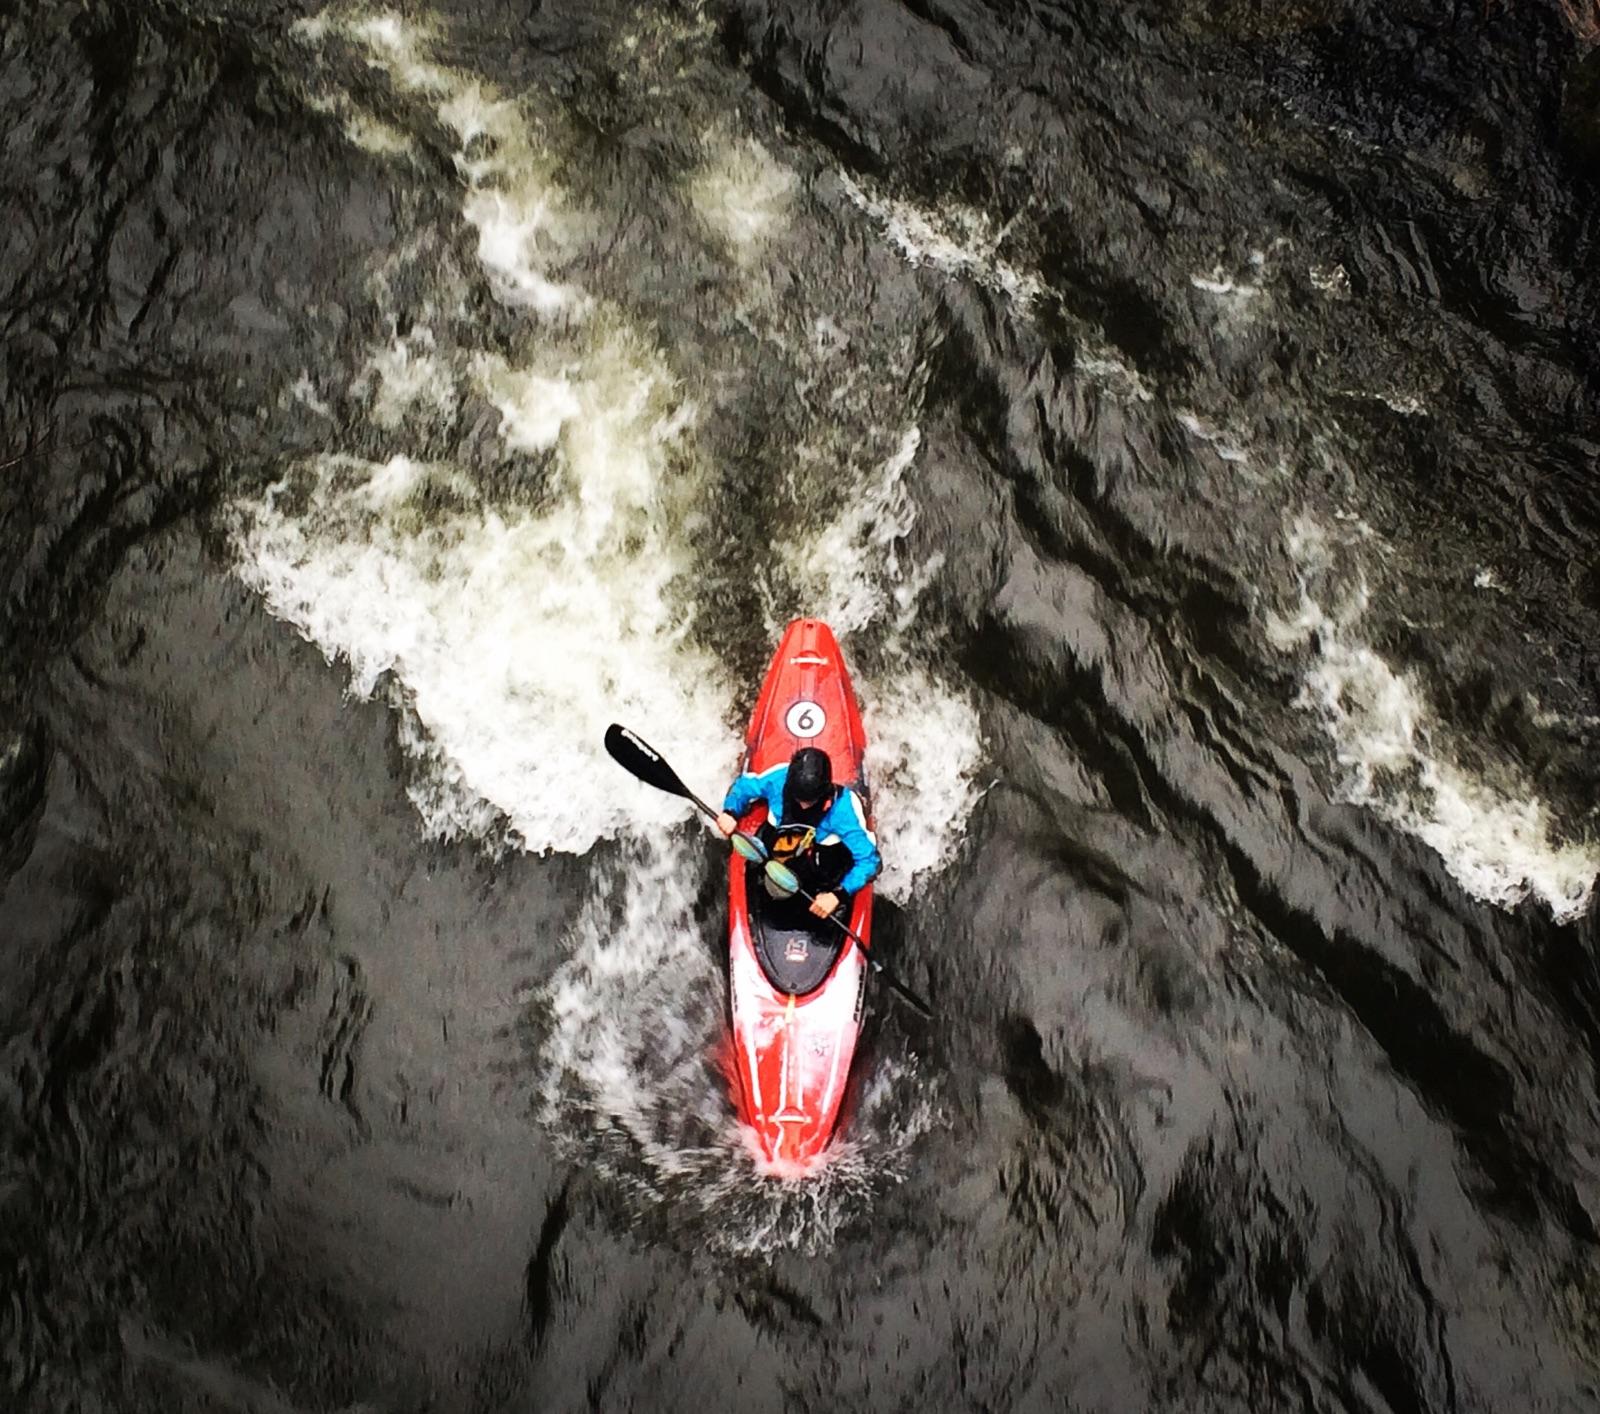 Jo Kemper LOVES it… Surfing the Upper Wind (Photo - Cat Looke)